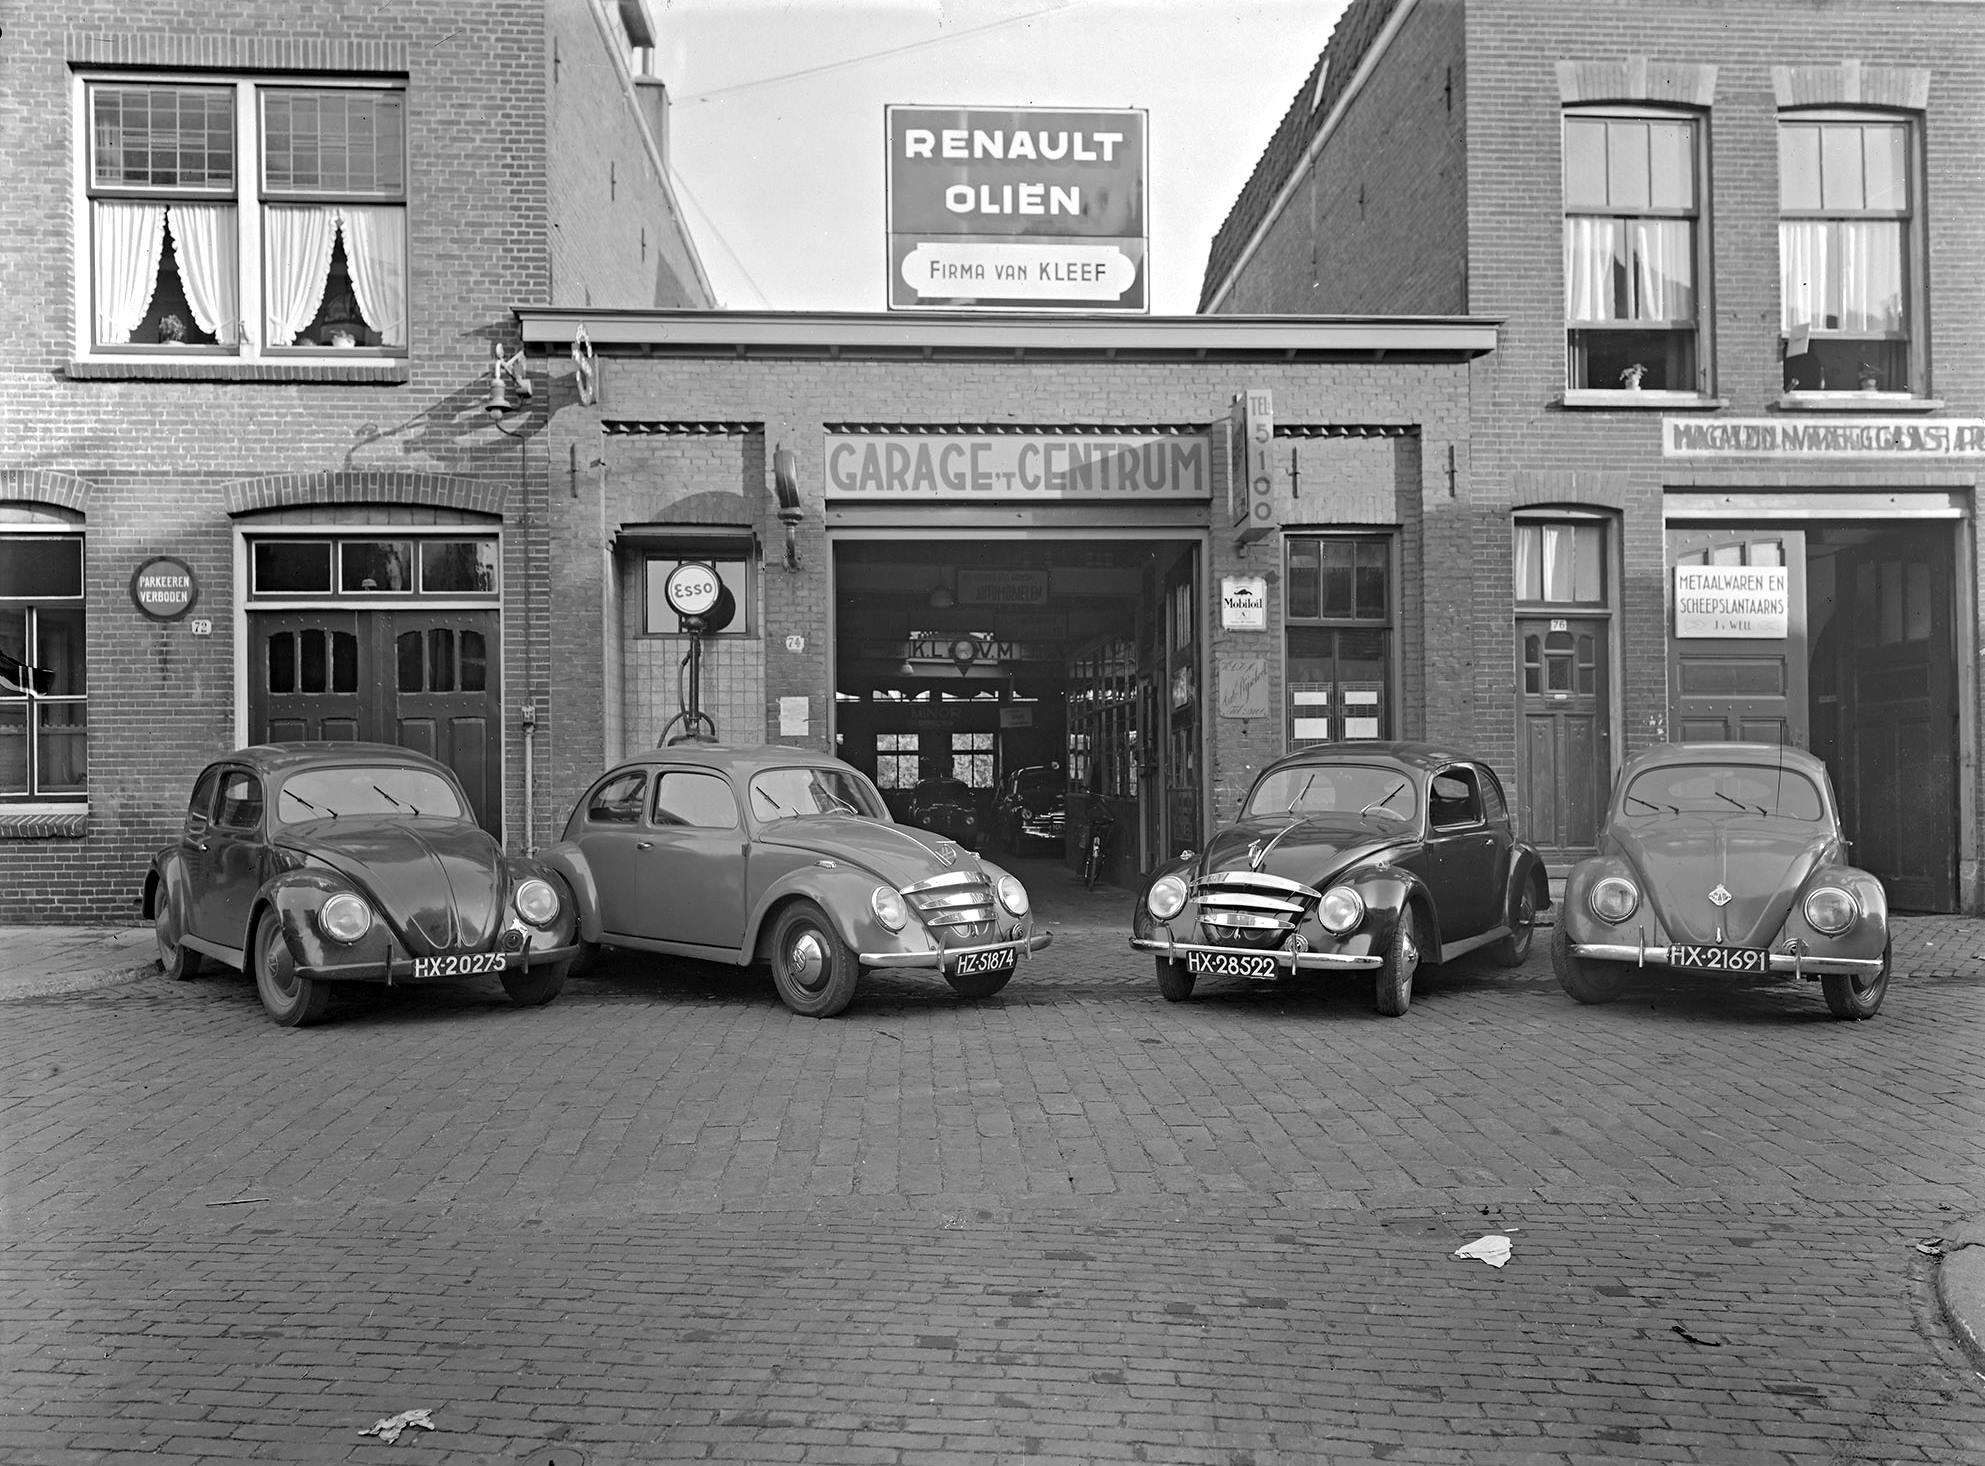 Renault-Firma-van-Kleef-1954--Vest-t-Centrum-